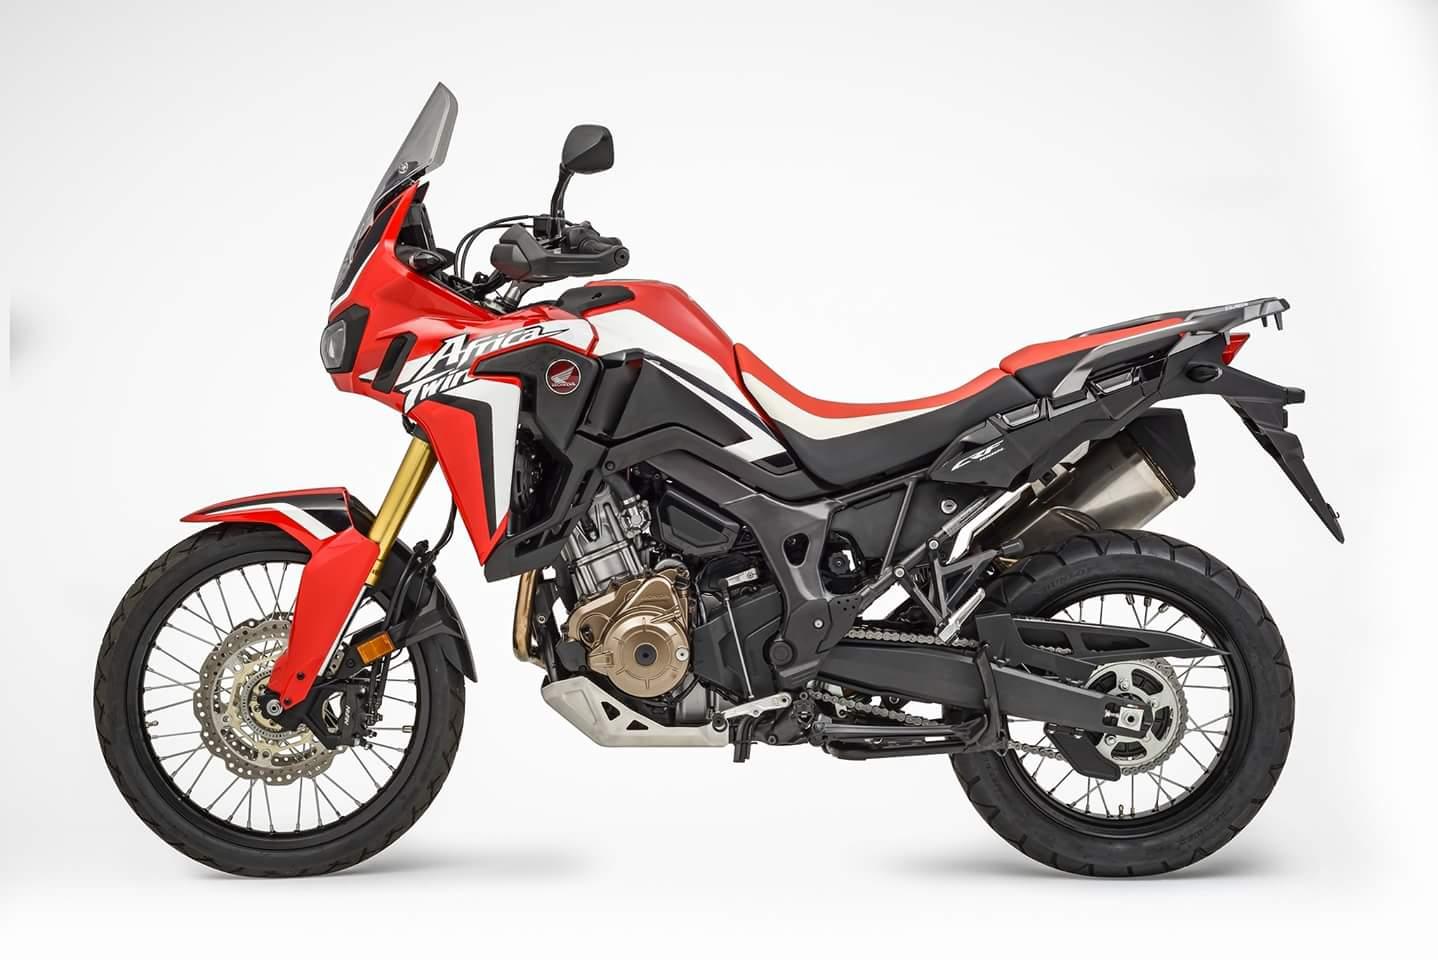 ed0b6bca690 Motos Argentinas News: HONDA REFUERZA SU GAMA DE MOTOCICLETAS DE ...